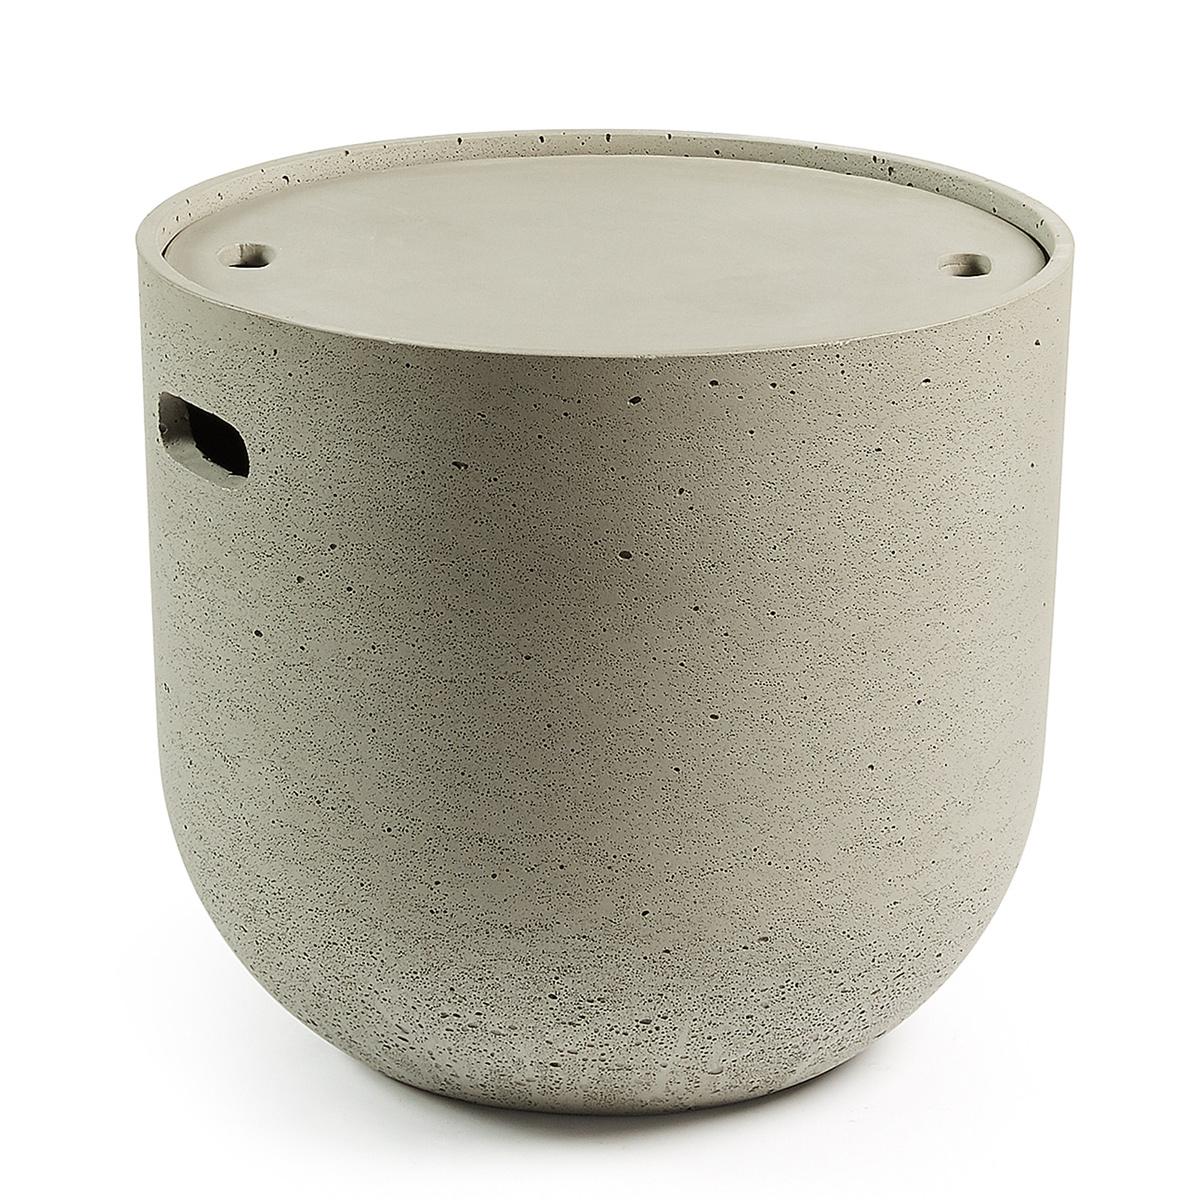 Table d'appoint en ciment avec plateau amovible - Ciment - Ø 45 cm x H 49 cm